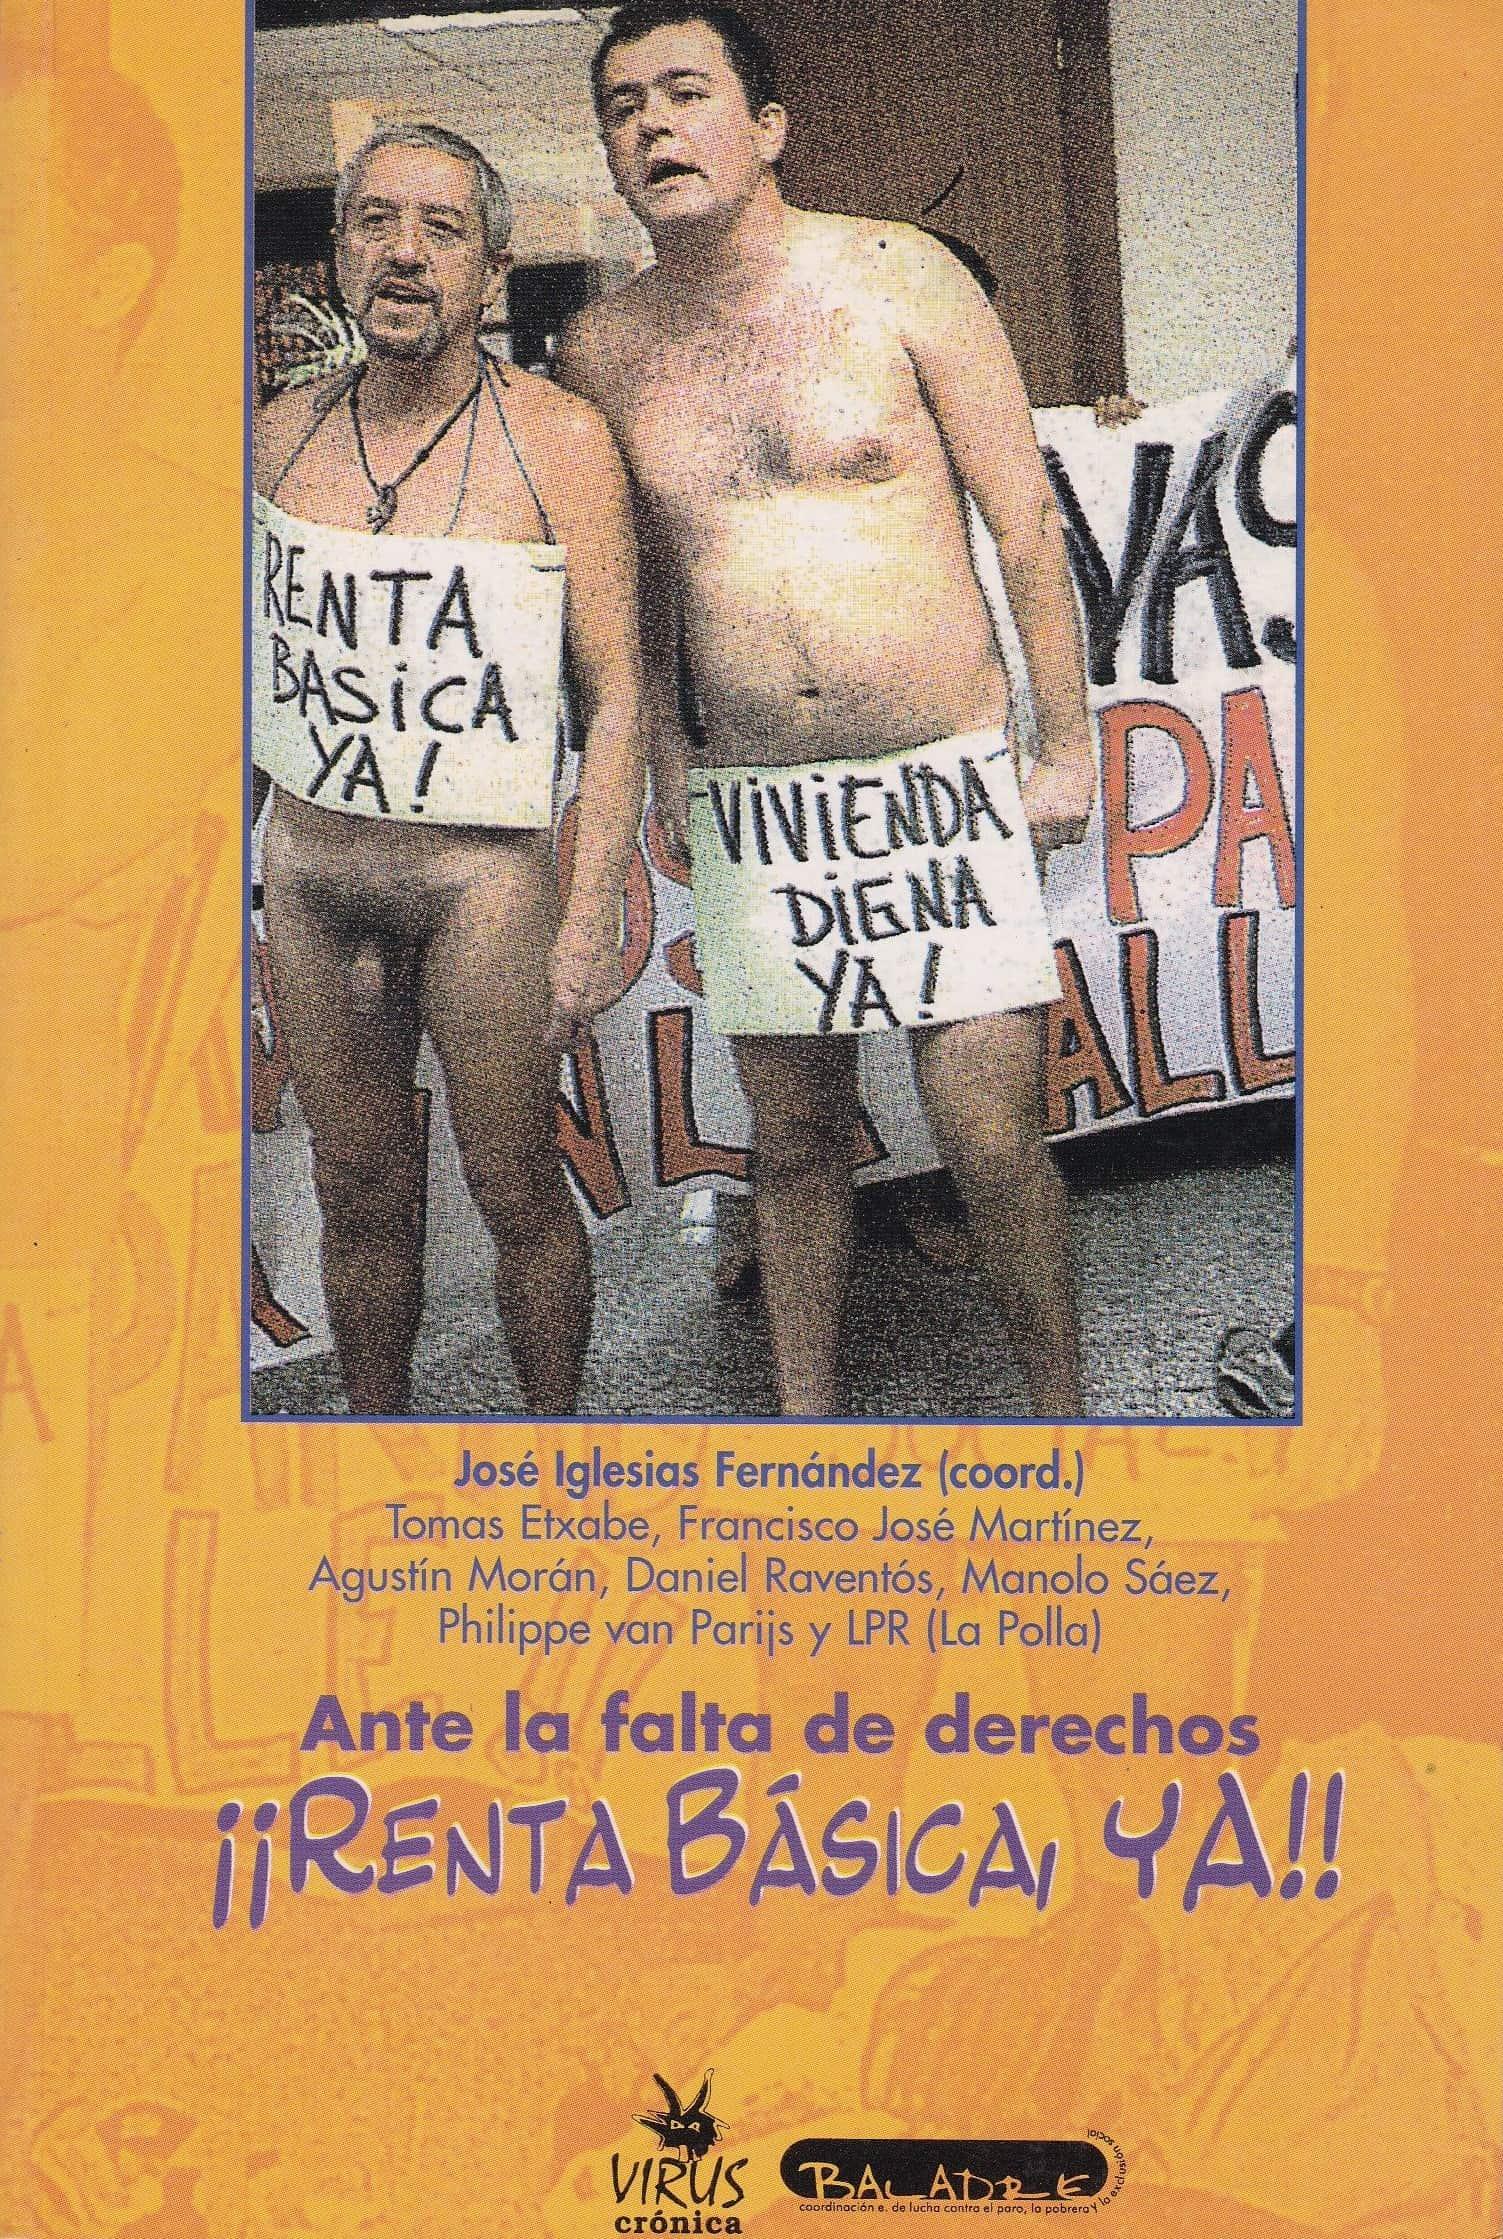 2000 Ante la falta de derechos ¡Renta Básica Ya! 2